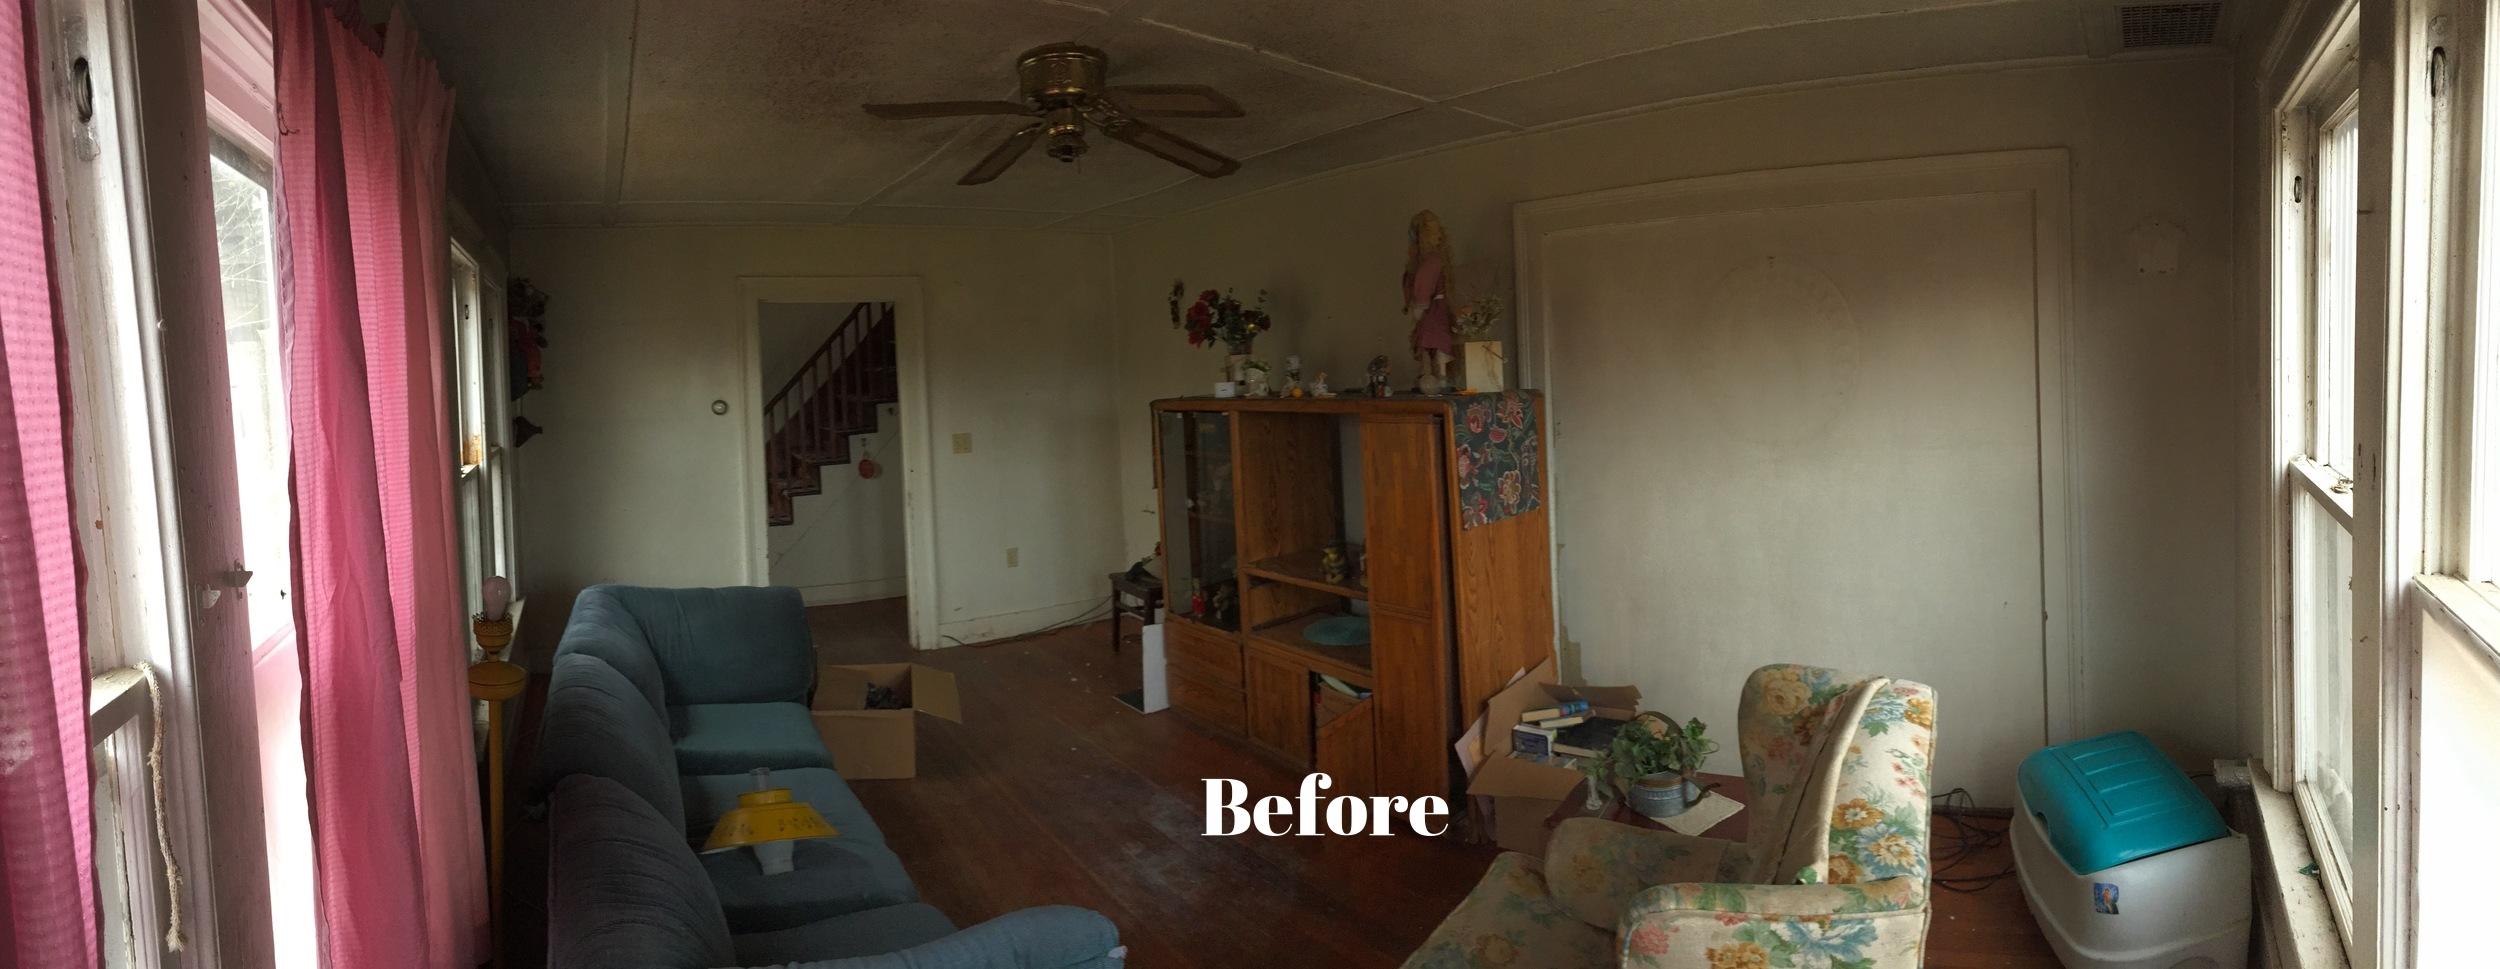 Living Room Before 4.jpg